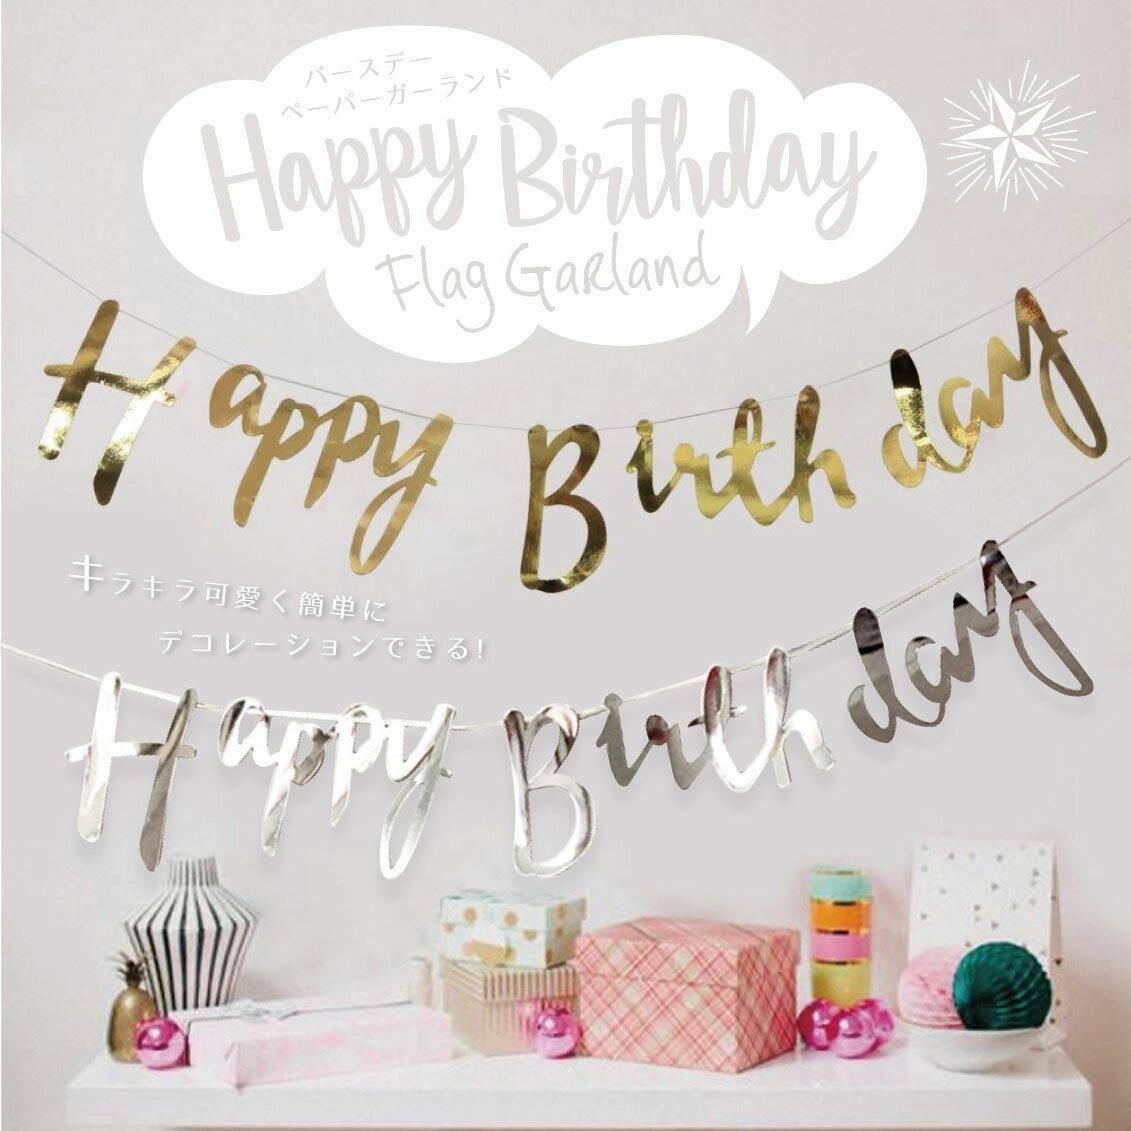 誕生日 パーティー 飾り ガーランド 飾り付け 1歳 ゴールド シルバー 大きめ ハッピーバースデー HAPPYBIRTHDAY バースデー バルーン オーナメント